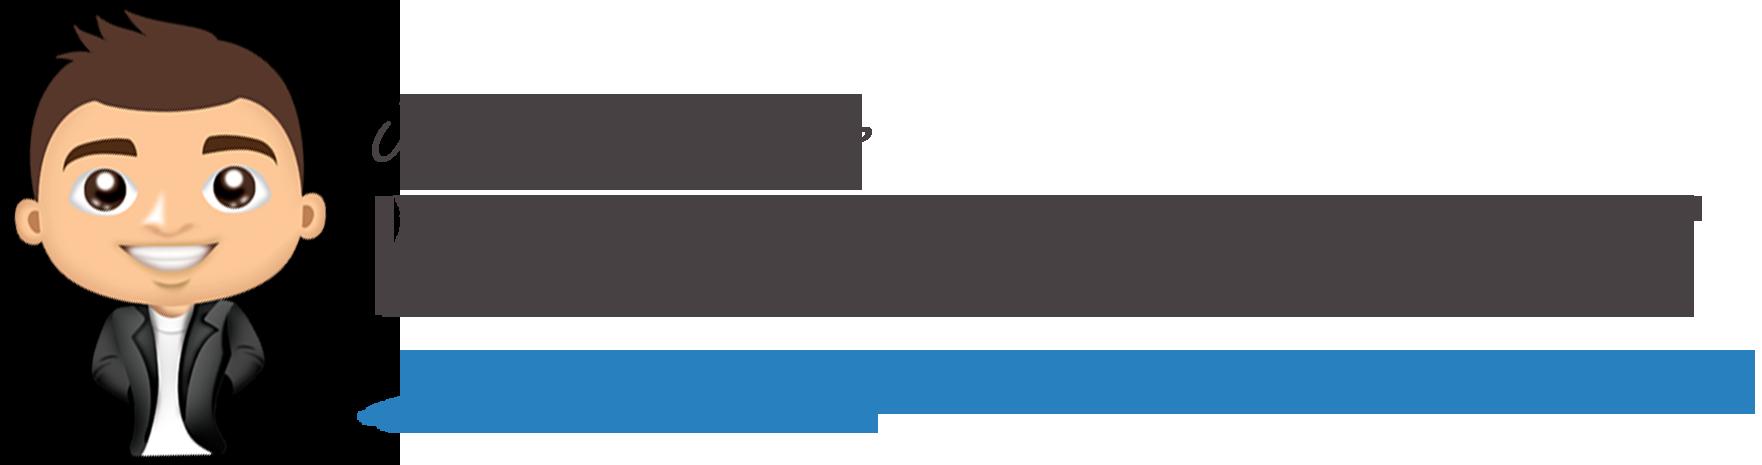 www-learn-scrivener-fast-com jospeph-michael logo